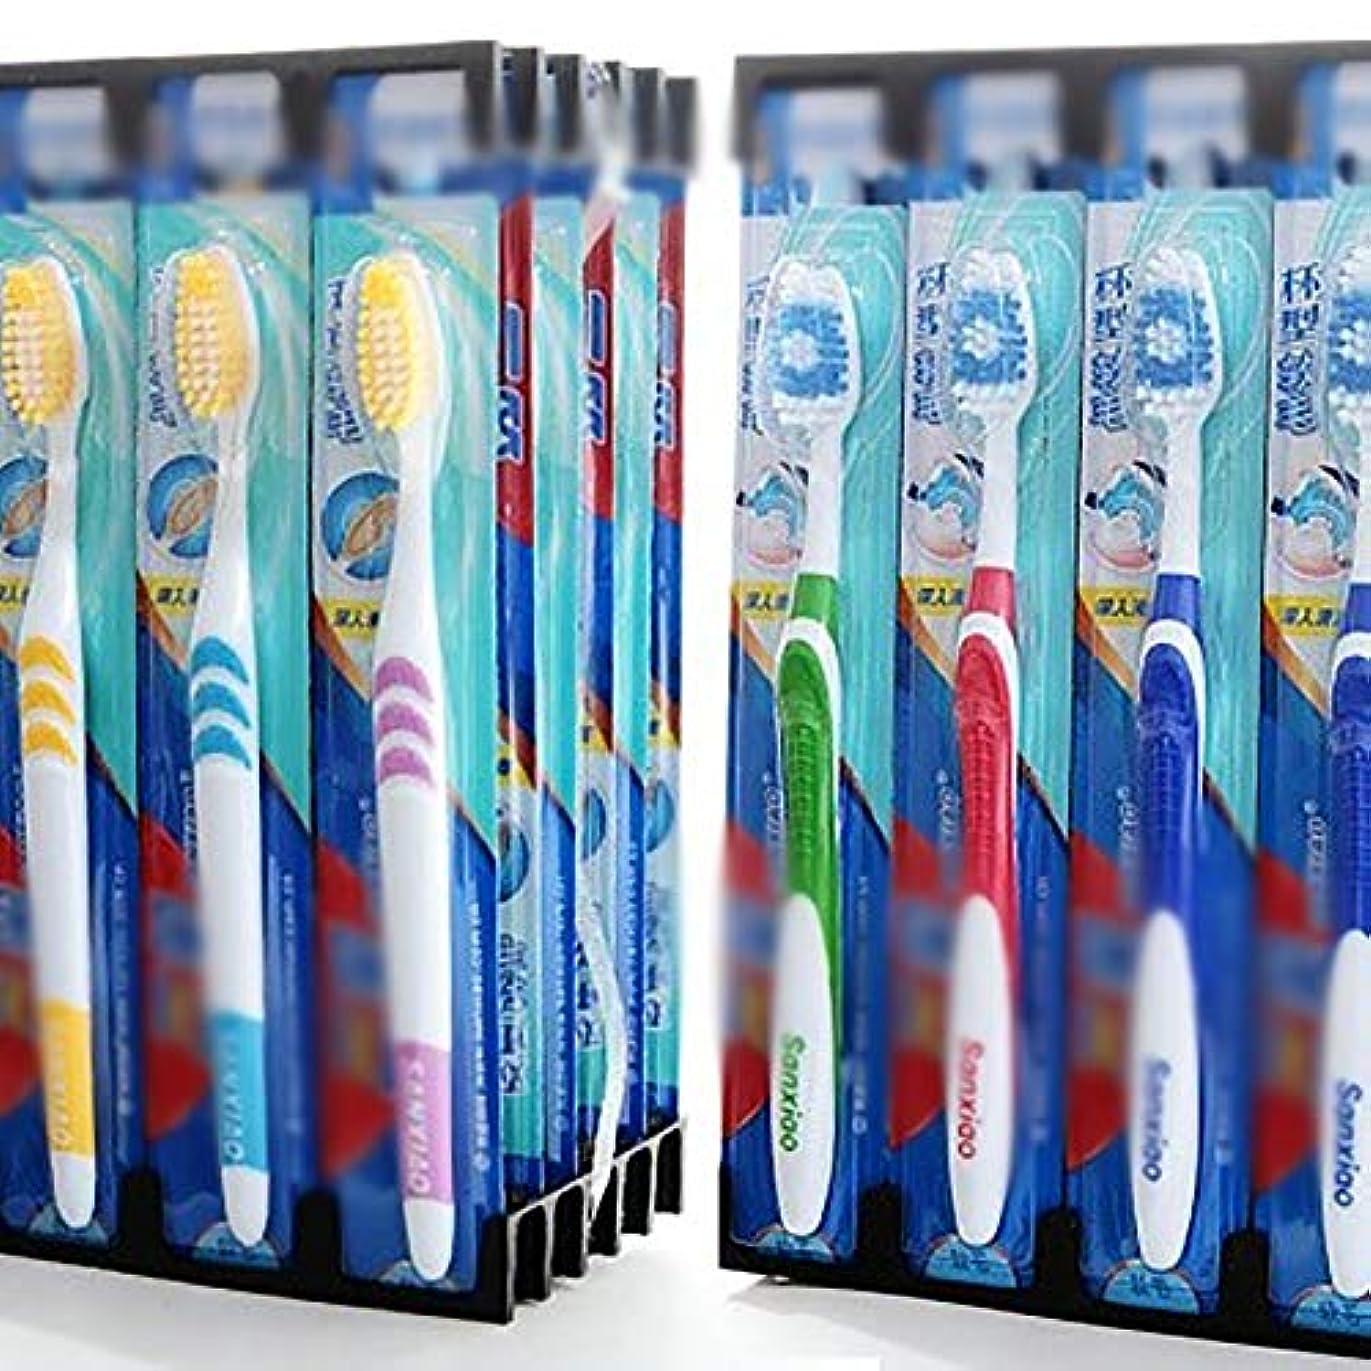 同様に喜ぶ騒々しい歯ブラシ 30本の歯ブラシ、旅行柔らかい歯ブラシ、歯ブラシのバルク極細歯ブラシ - 使用可能なスタイルの3種類 KHL (色 : C, サイズ : 30 packs)